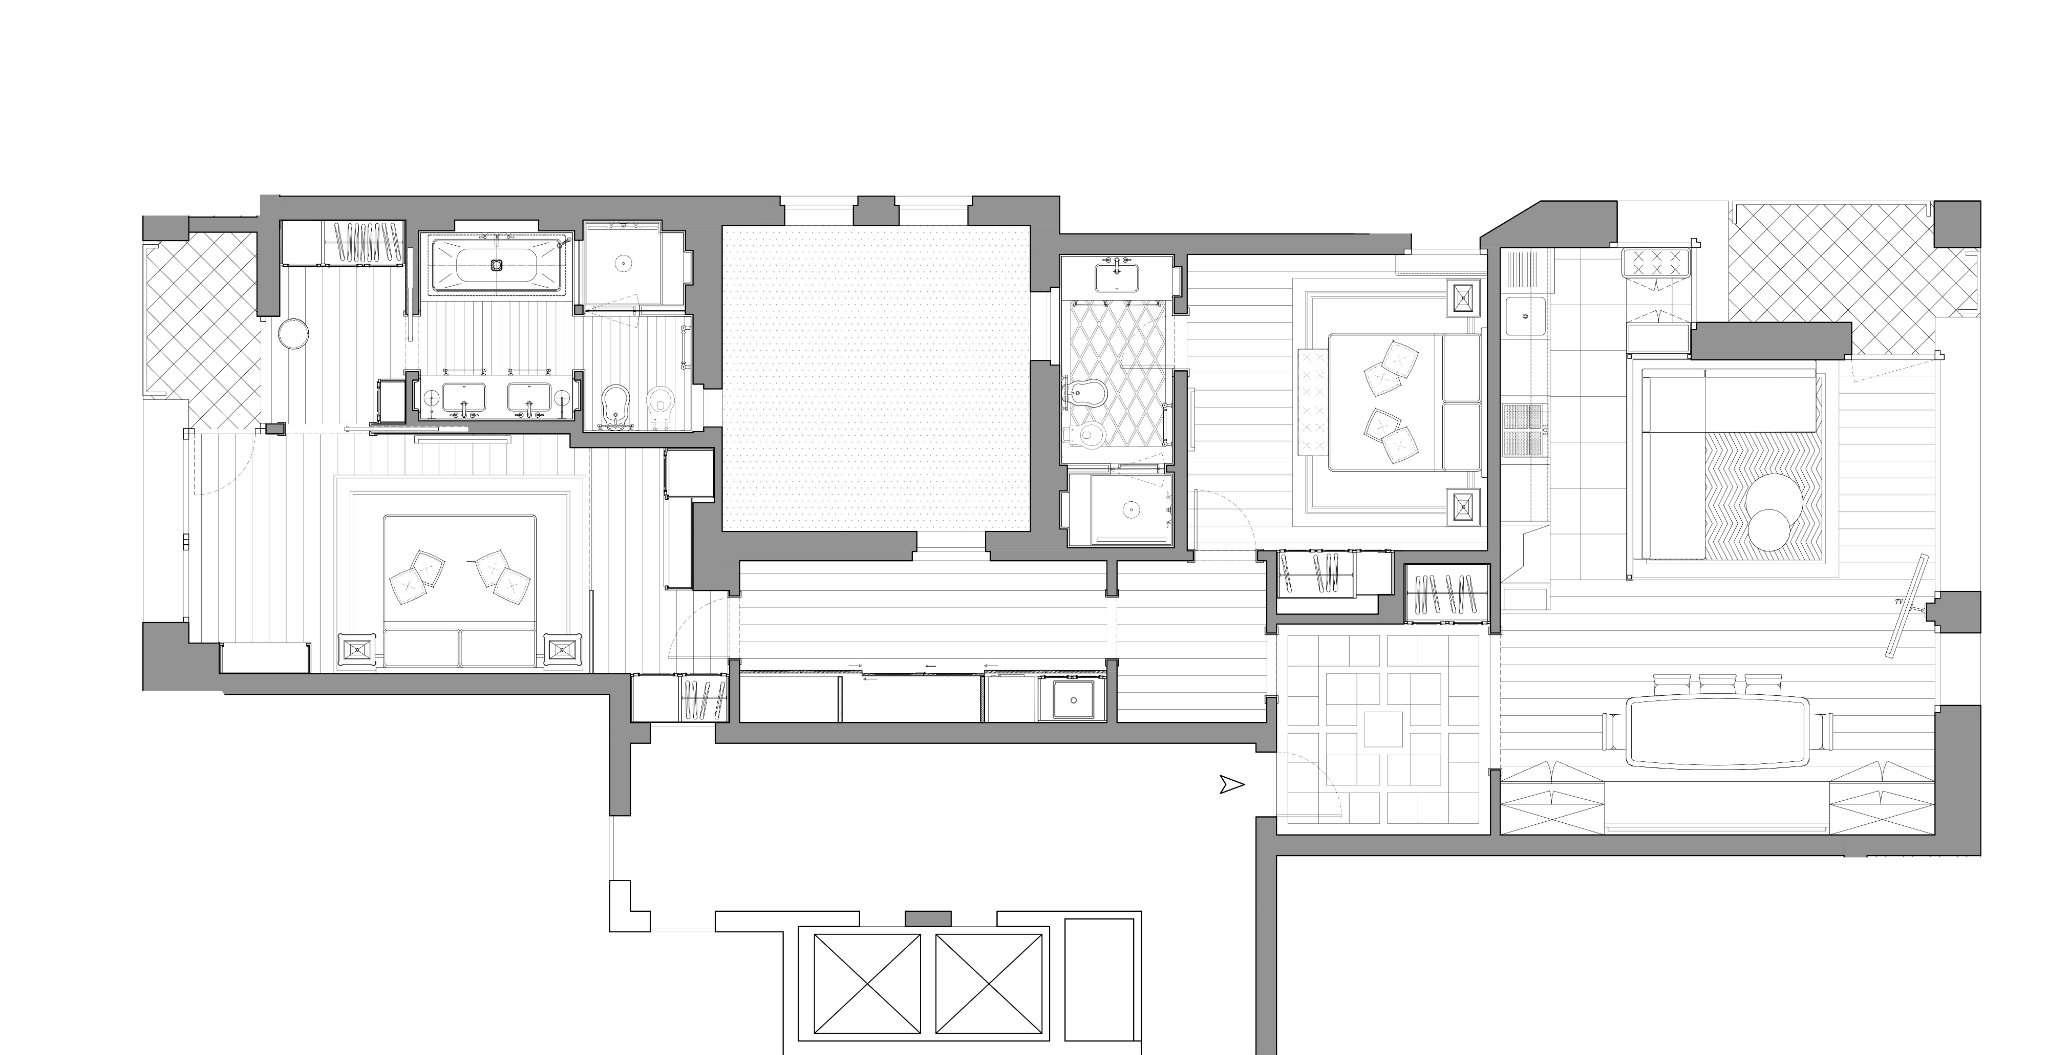 Planimetria appartamentoVia San Marco 20121